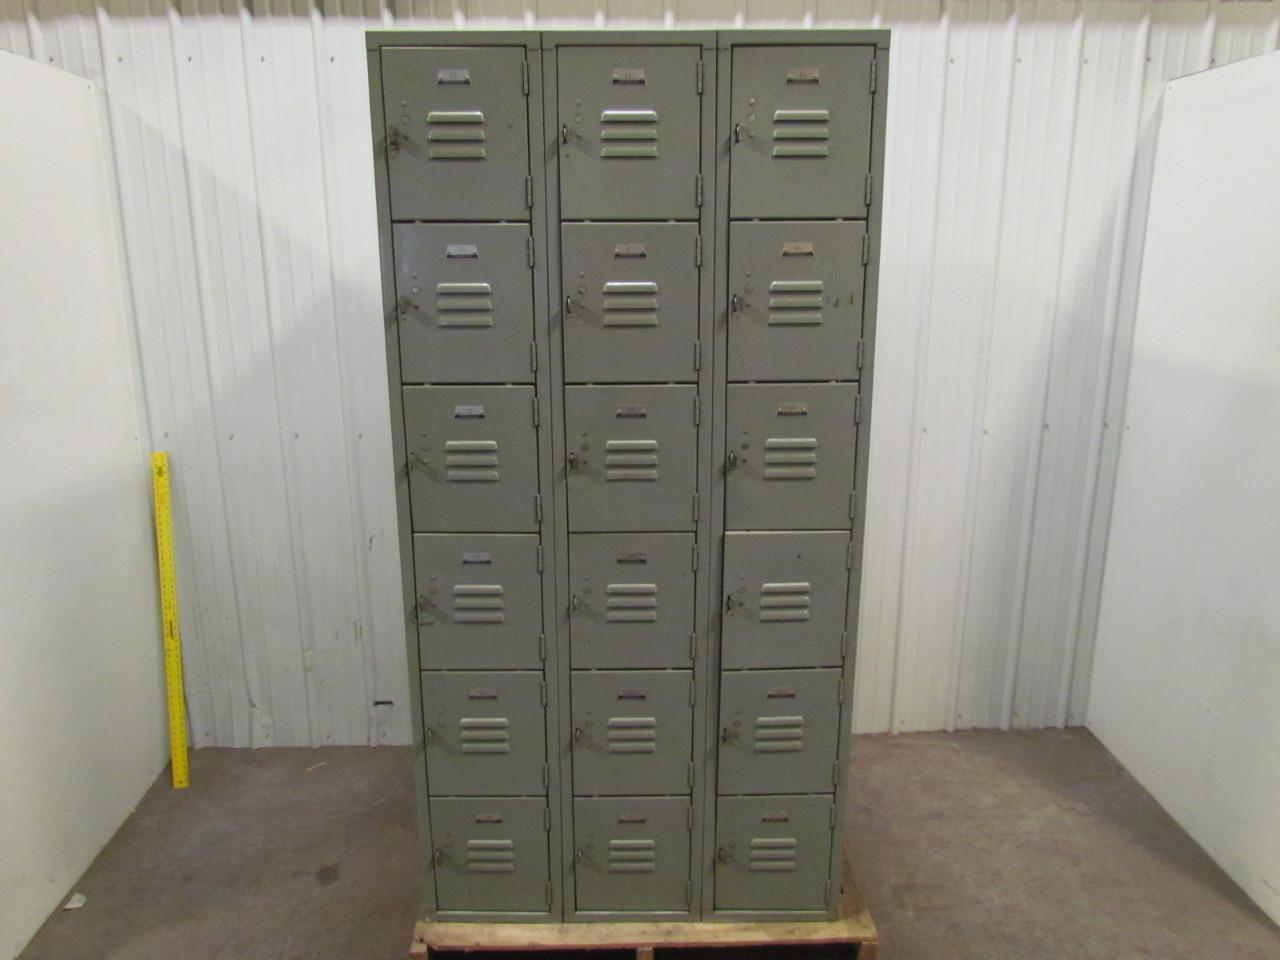 6 door 3 column steel school gym locker 12x34x20 for 12 door lockers